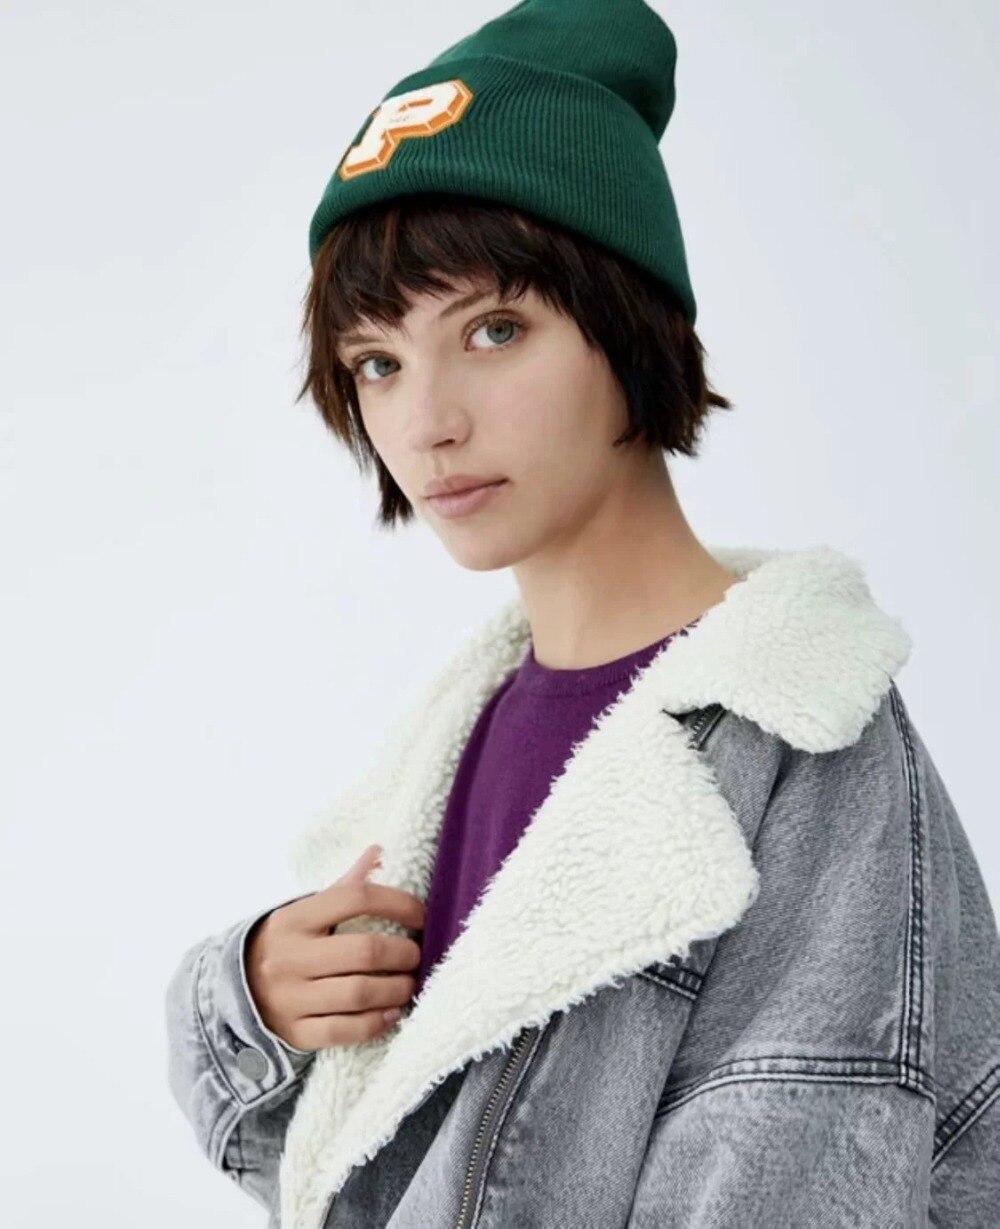 Femmes Épaisse Veste Agneau Street Cheveux Harajuku Bts High Chaud D'hiver Denim Hiver Flétri Manteau 8nxTEE